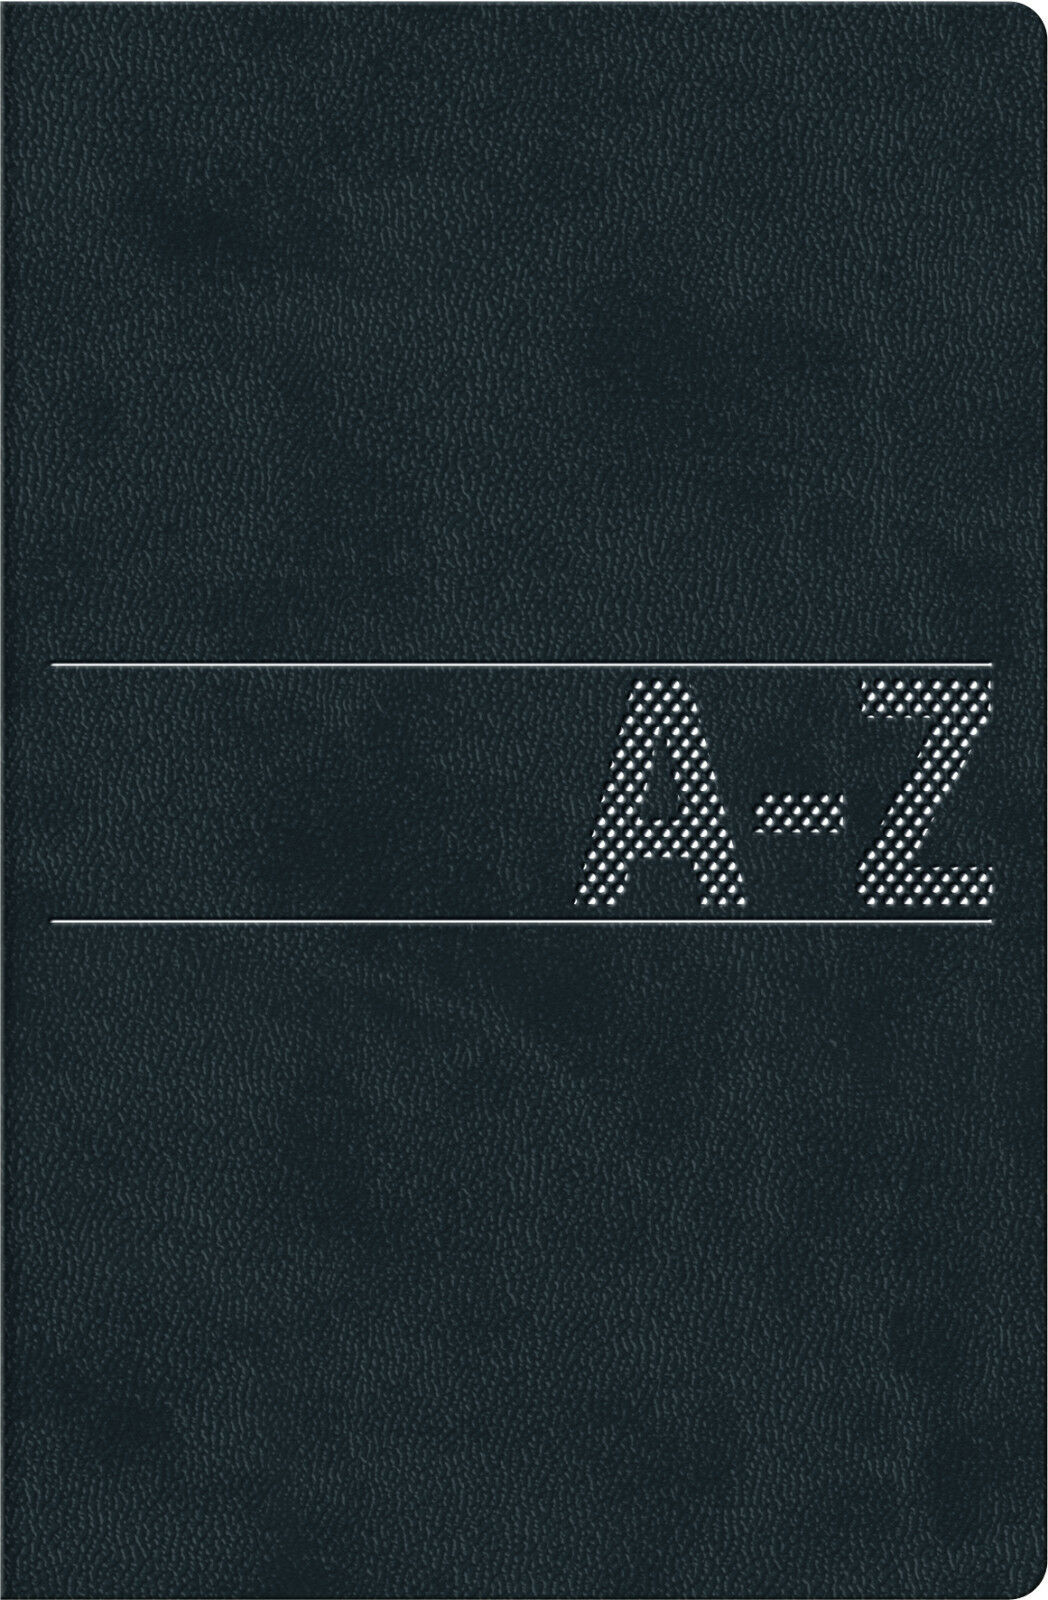 Telefonbuch Adressbuch Adresskartei Telefonregister schwarz A-Z Brunnen A6